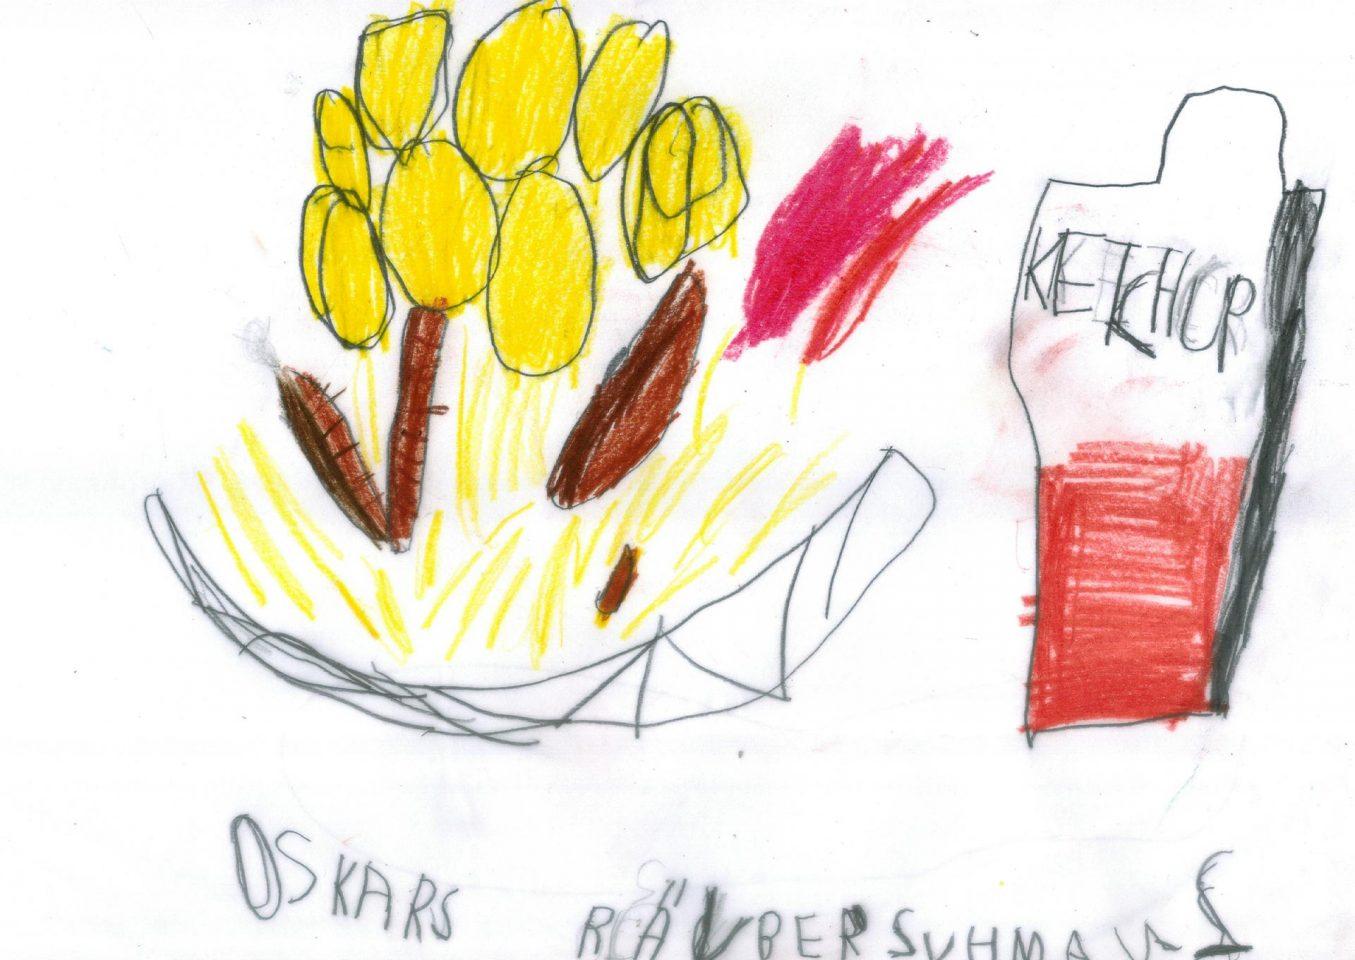 Oskars Räuberschmaus - Bratwürste mit Kartoffeln, Sauerkraut und Ketchup